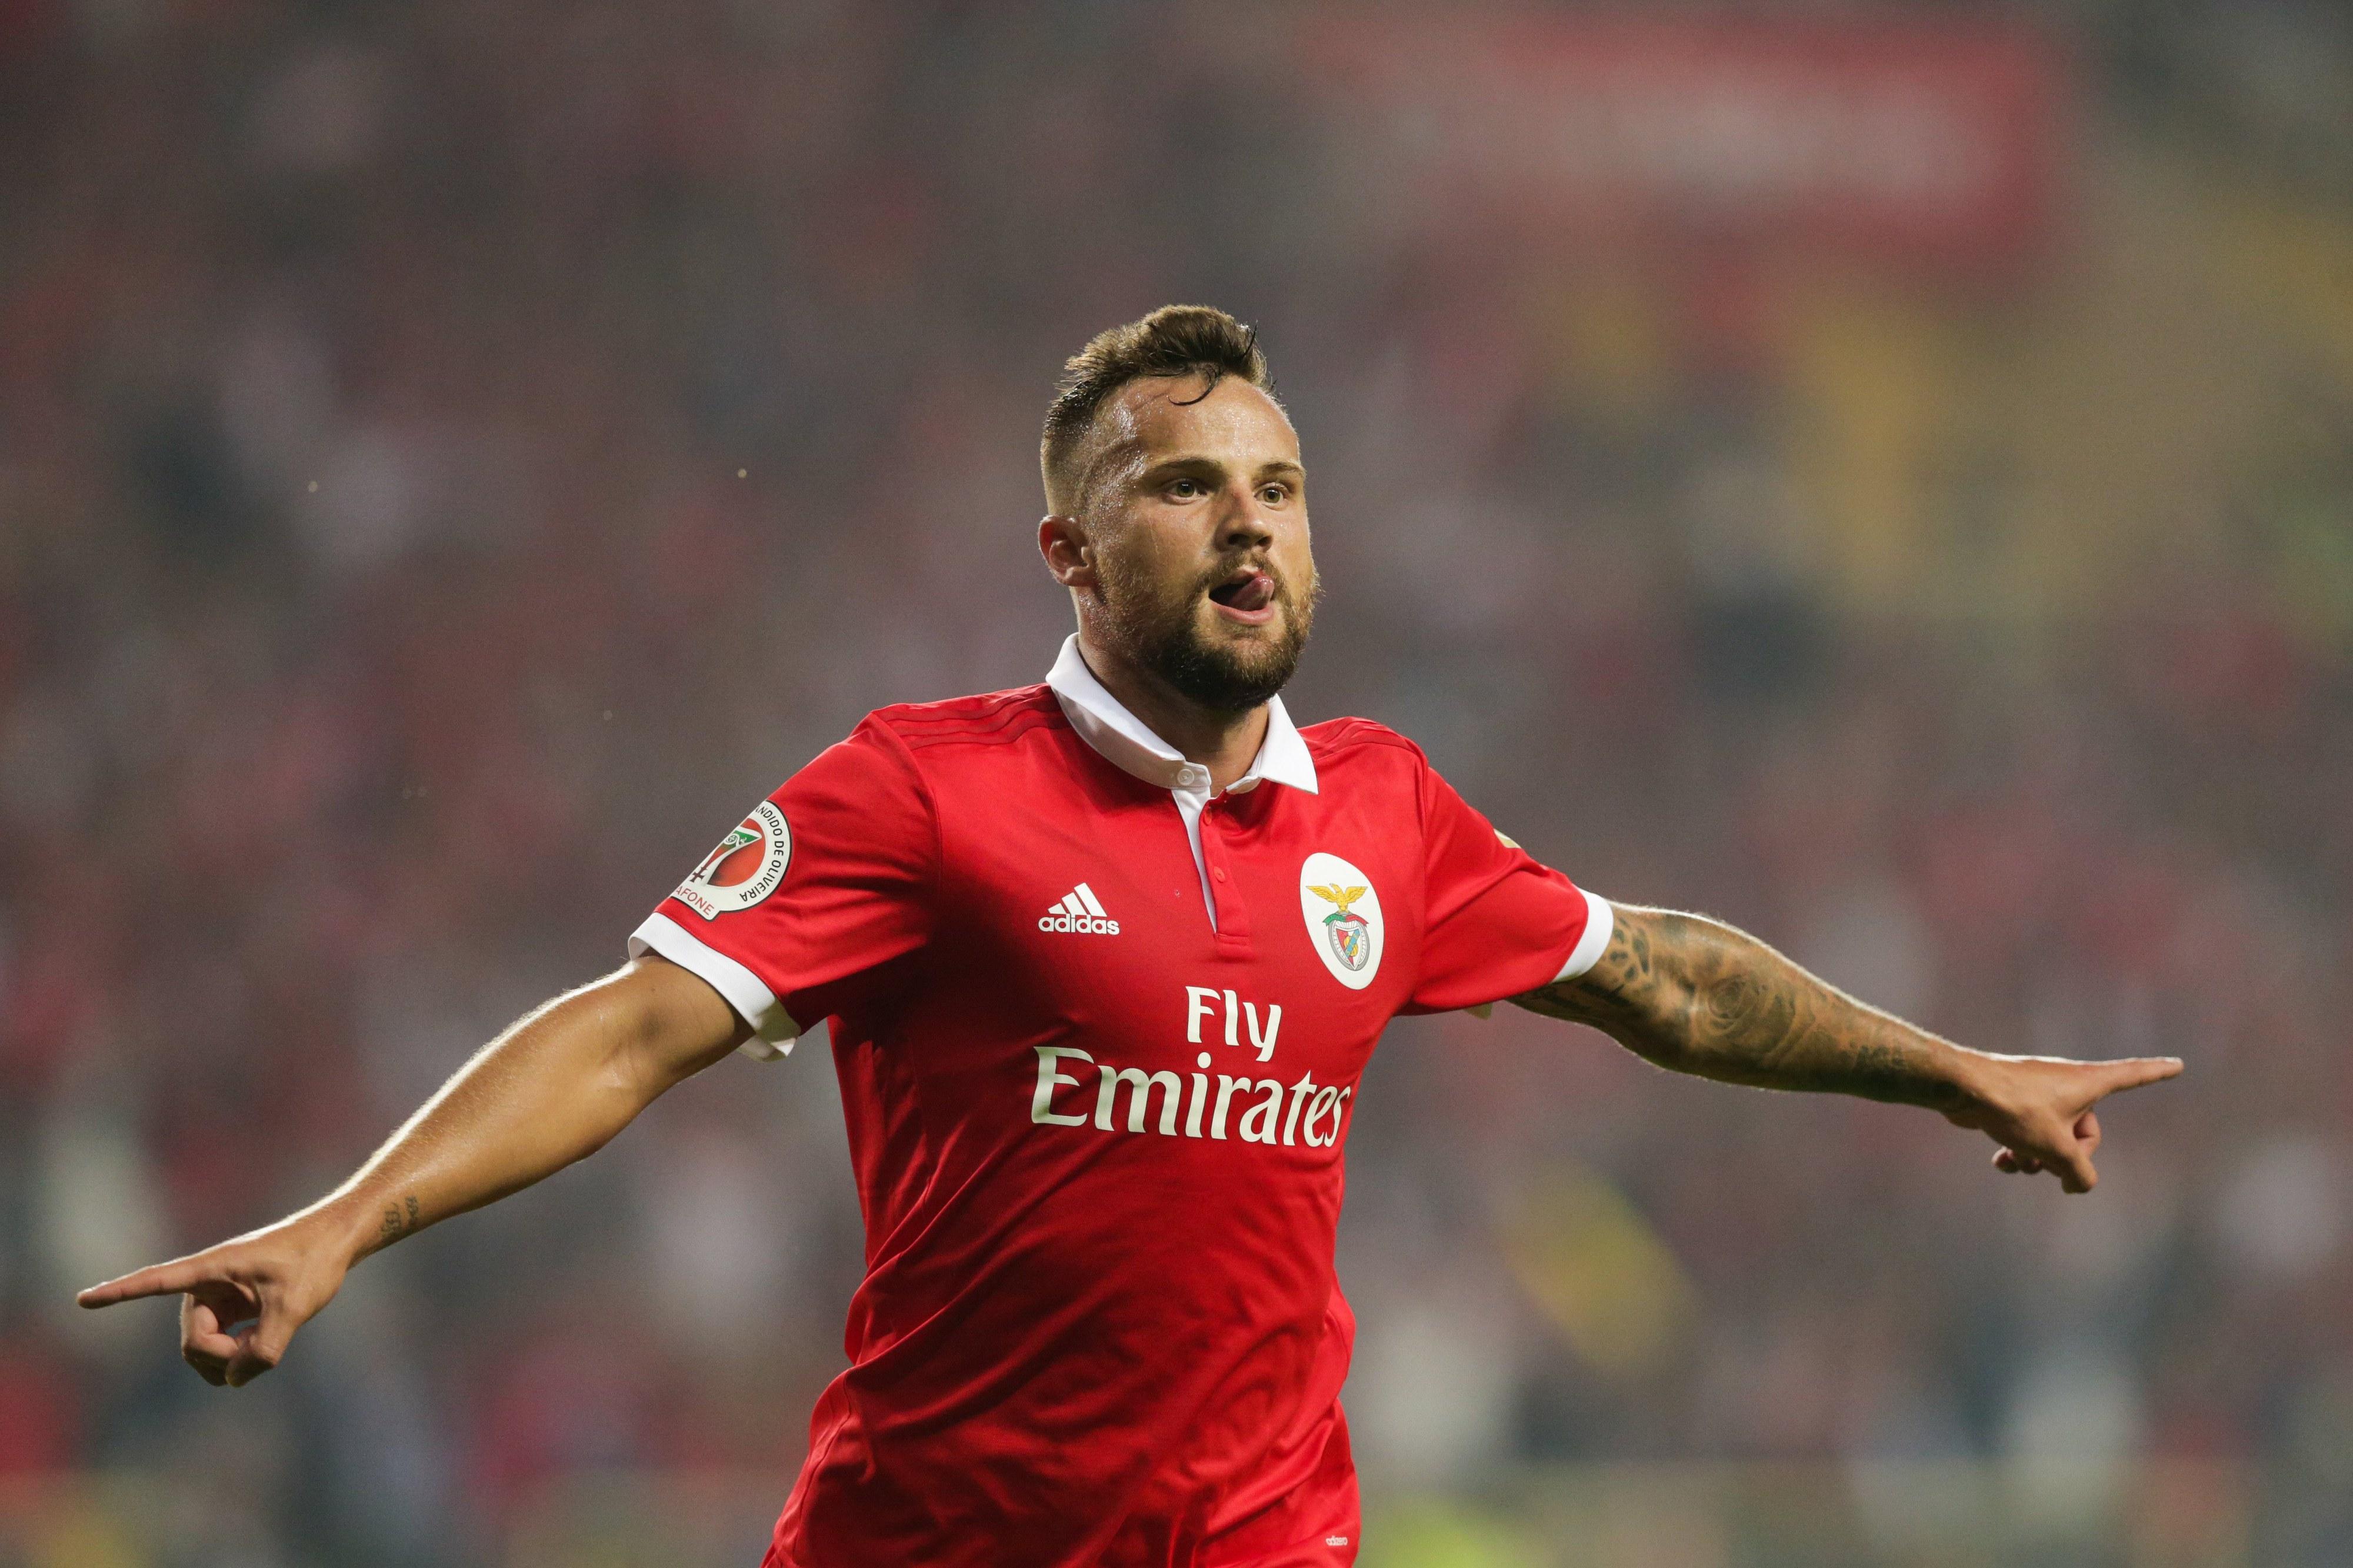 """Seferovic e a época no Benfica: """"Houve momentos difíceis"""""""